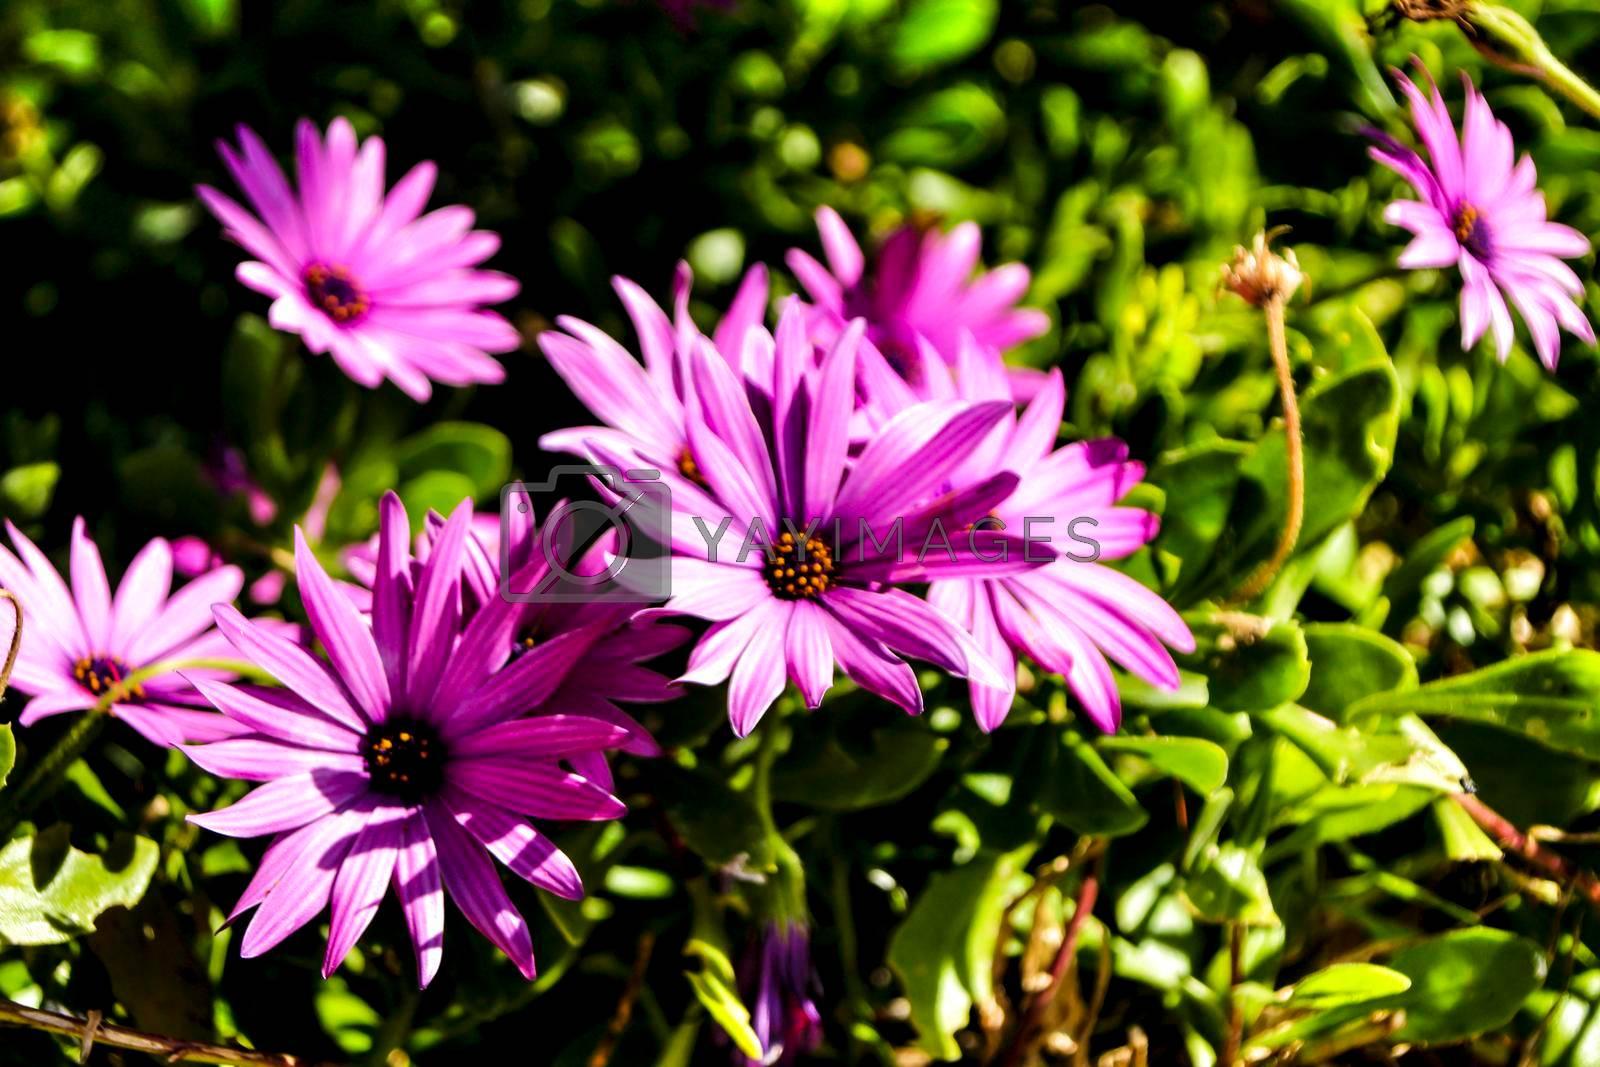 Beautiful dimorphoteca ecklonis flowers in the garden under the sun